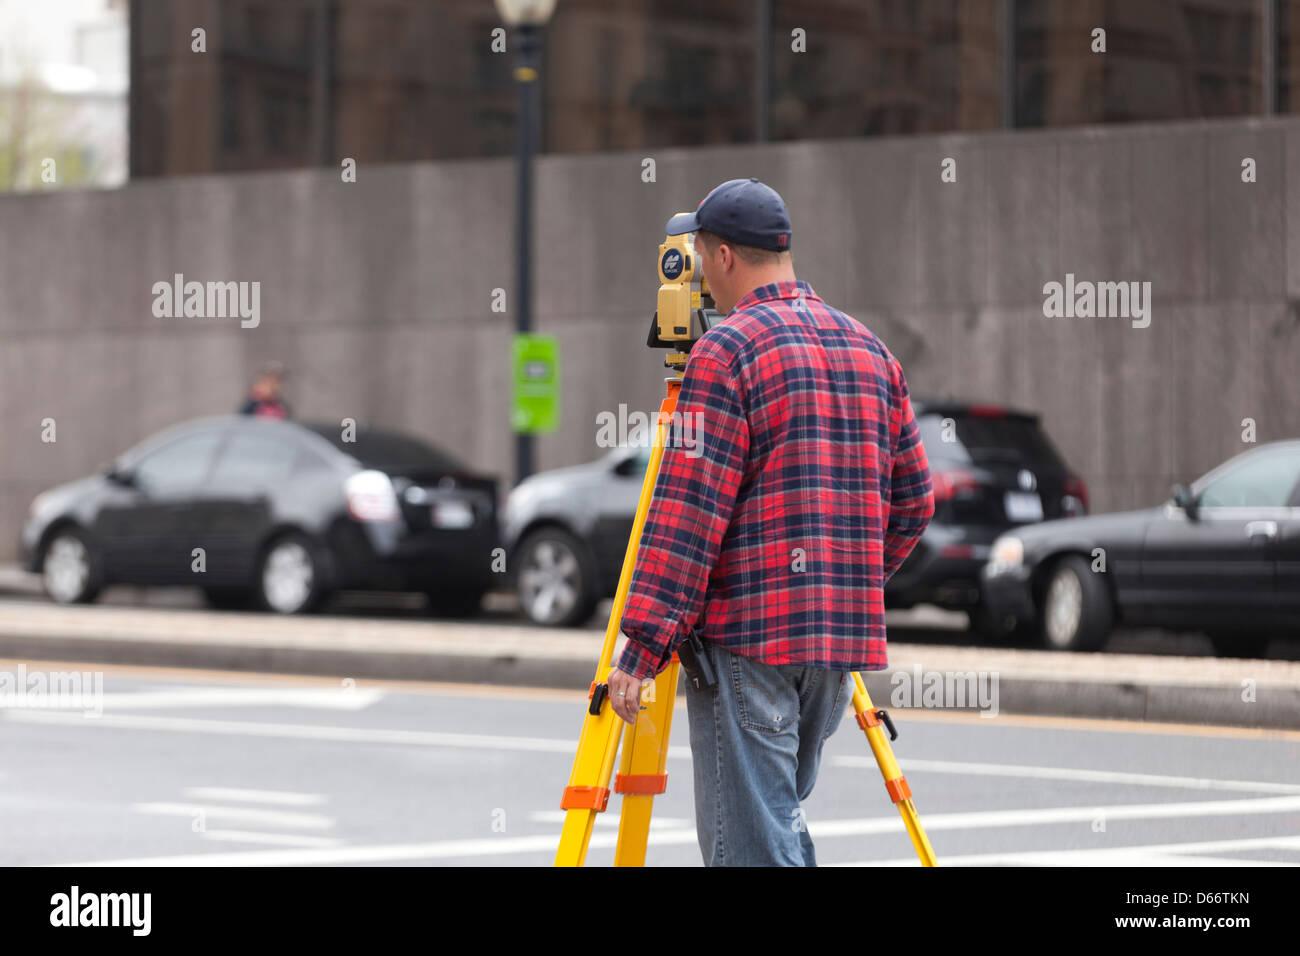 L'arpenteur des terres à la recherche au moyen d'un théodolite numérique - USA Photo Stock